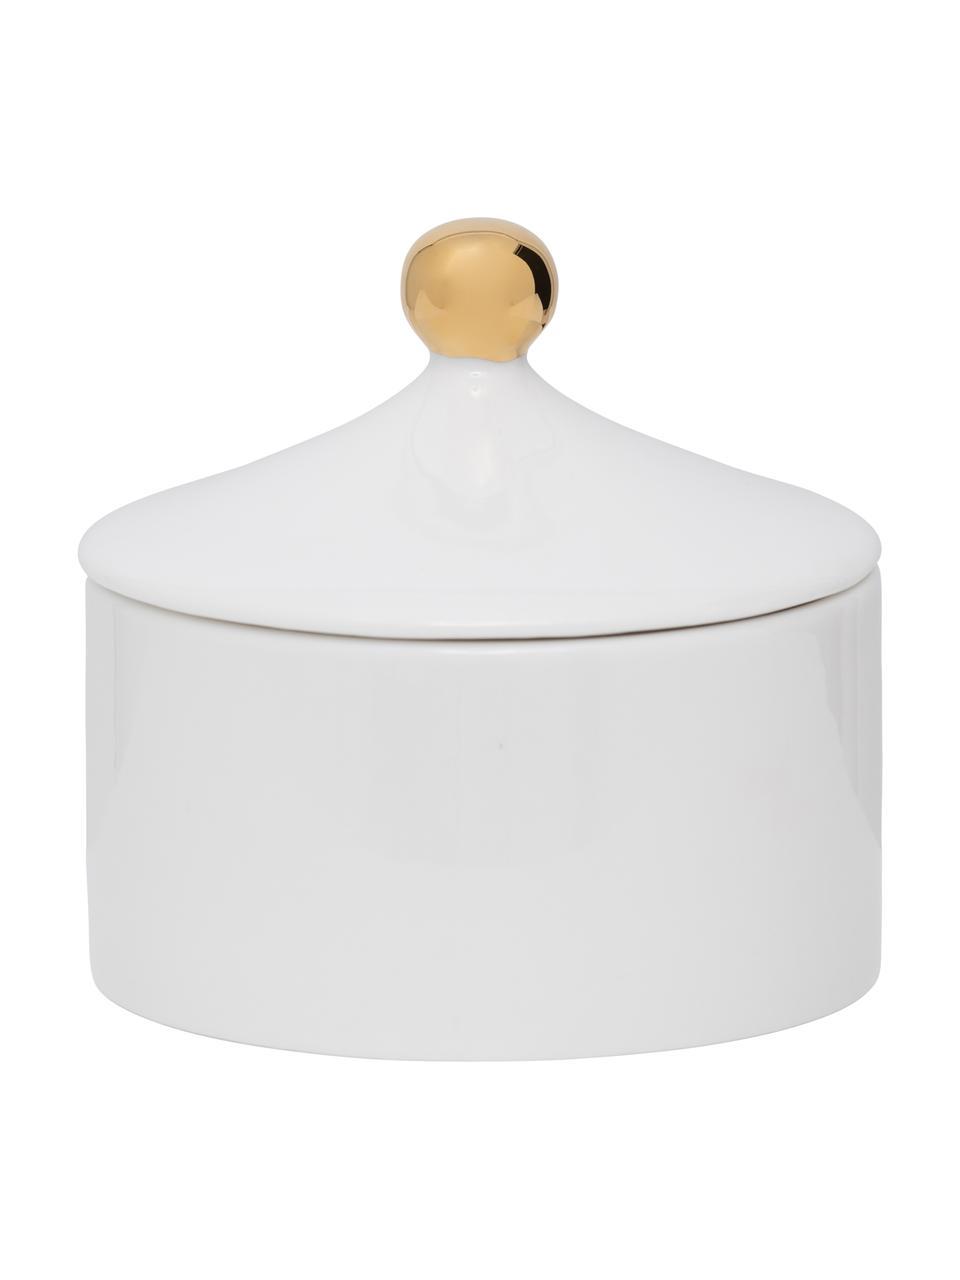 Cukiernica Good Morning, Kamionka, Biały, odcienie złotego, Ø 10 x W 9 cm